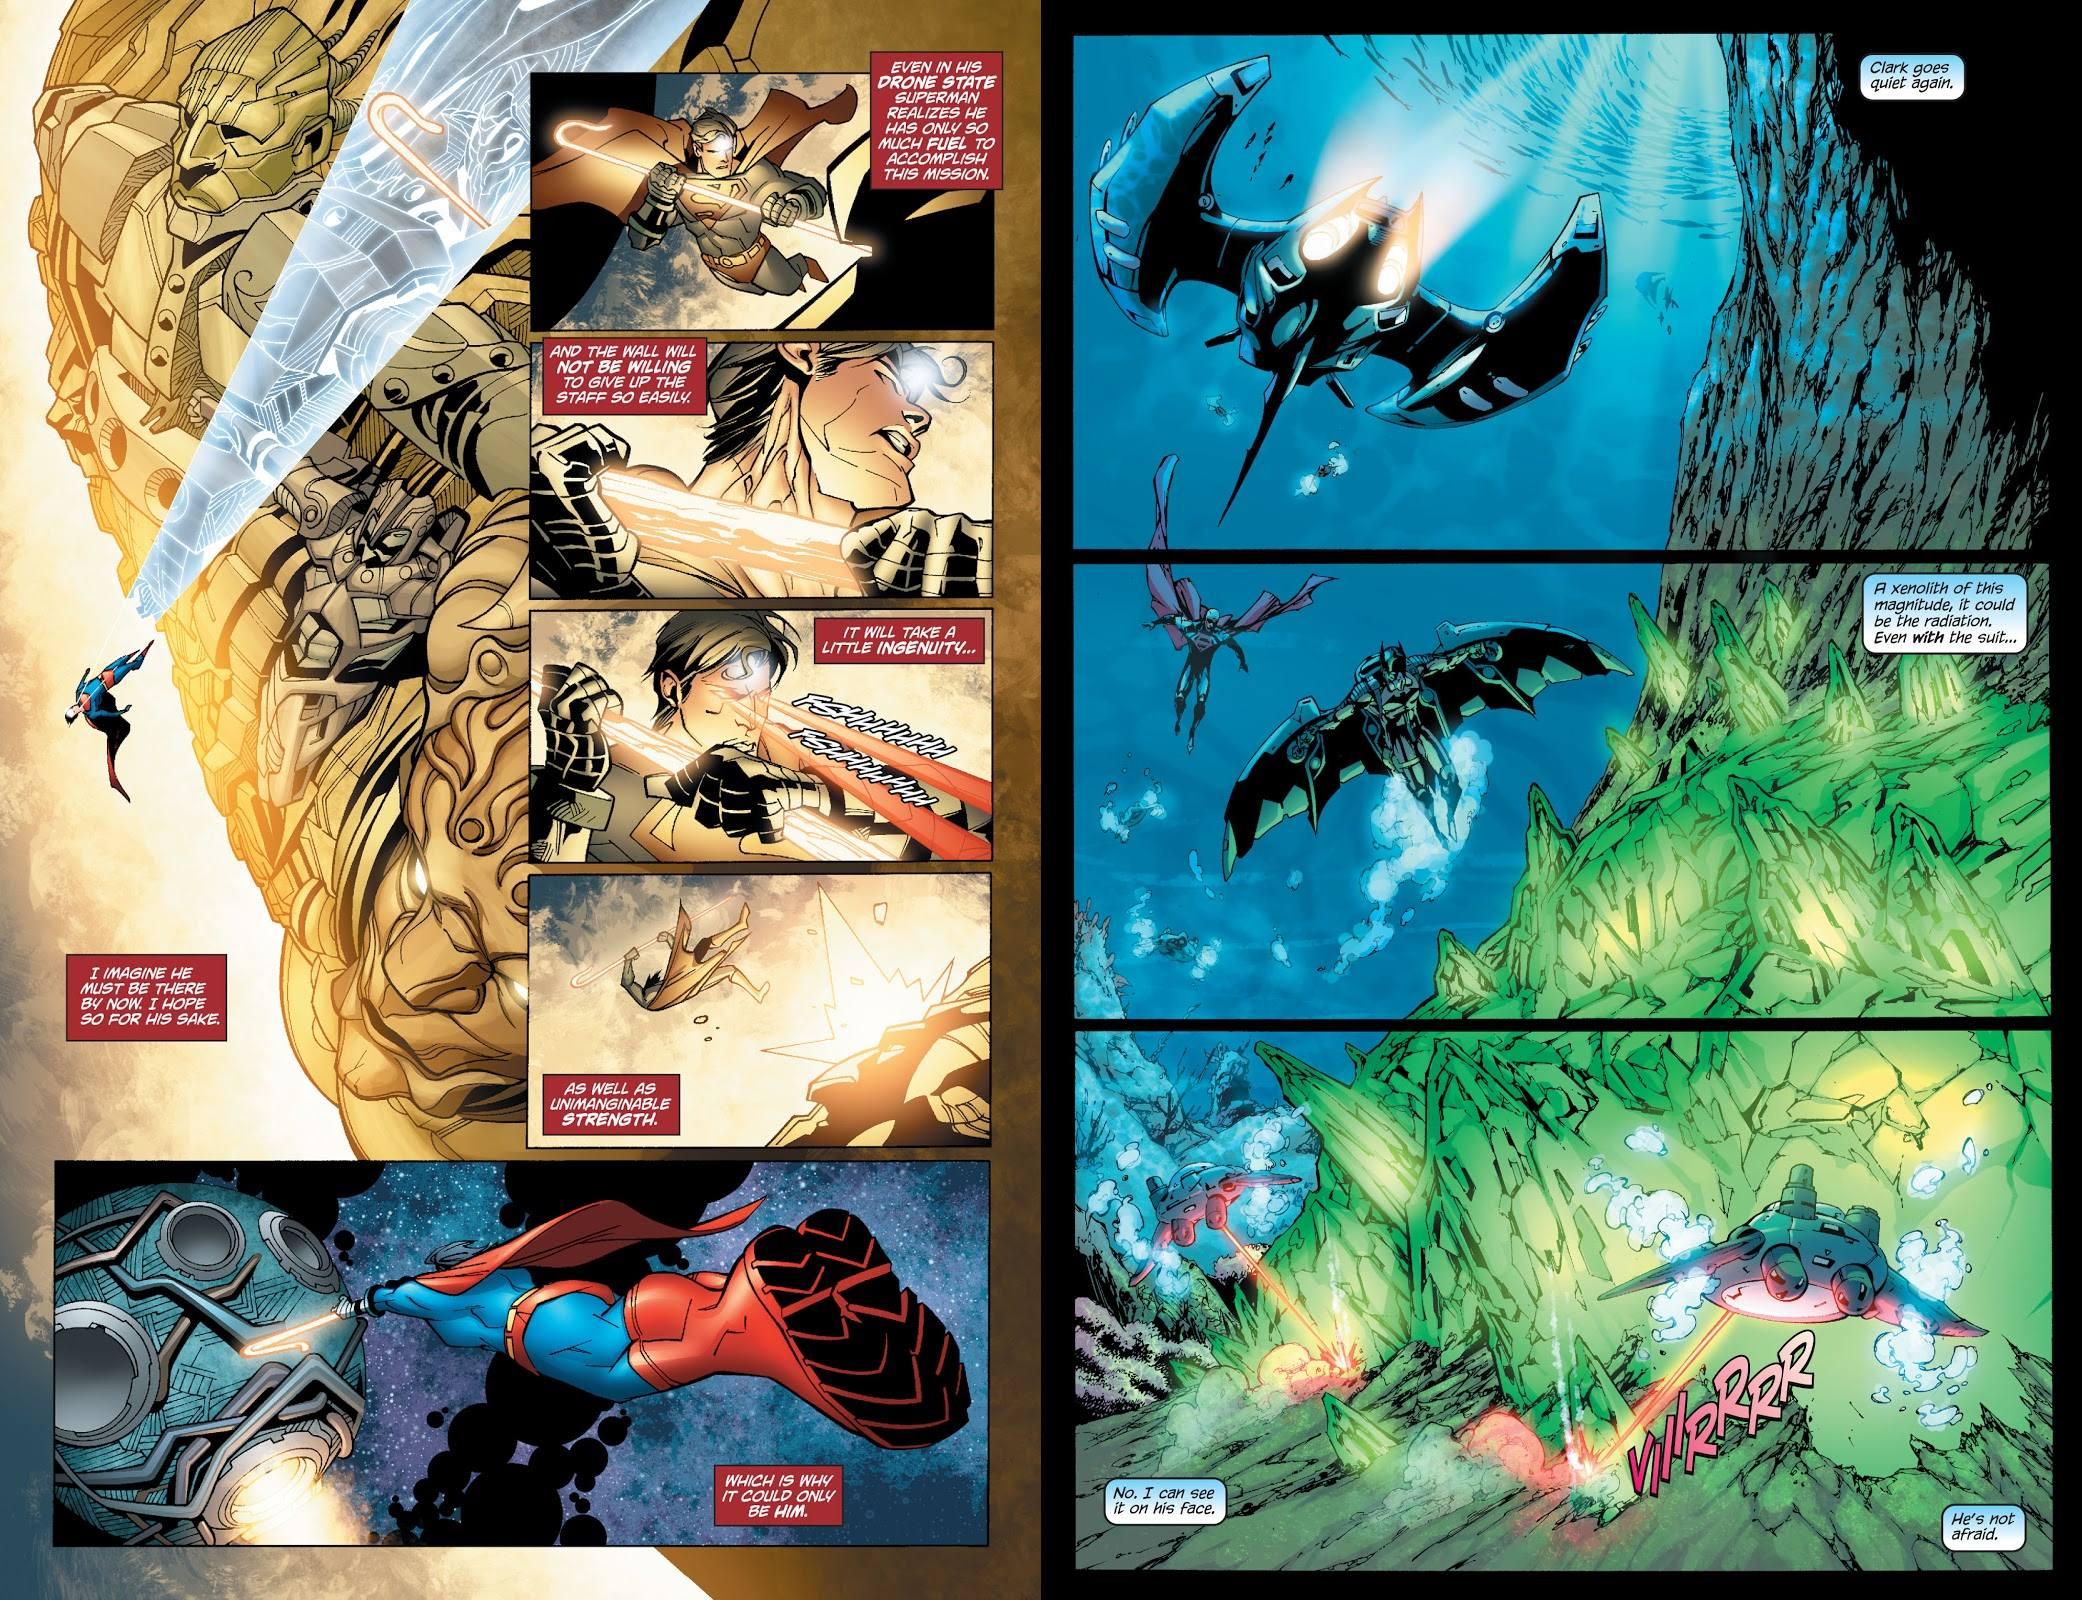 Superman Batman Vol 4 review